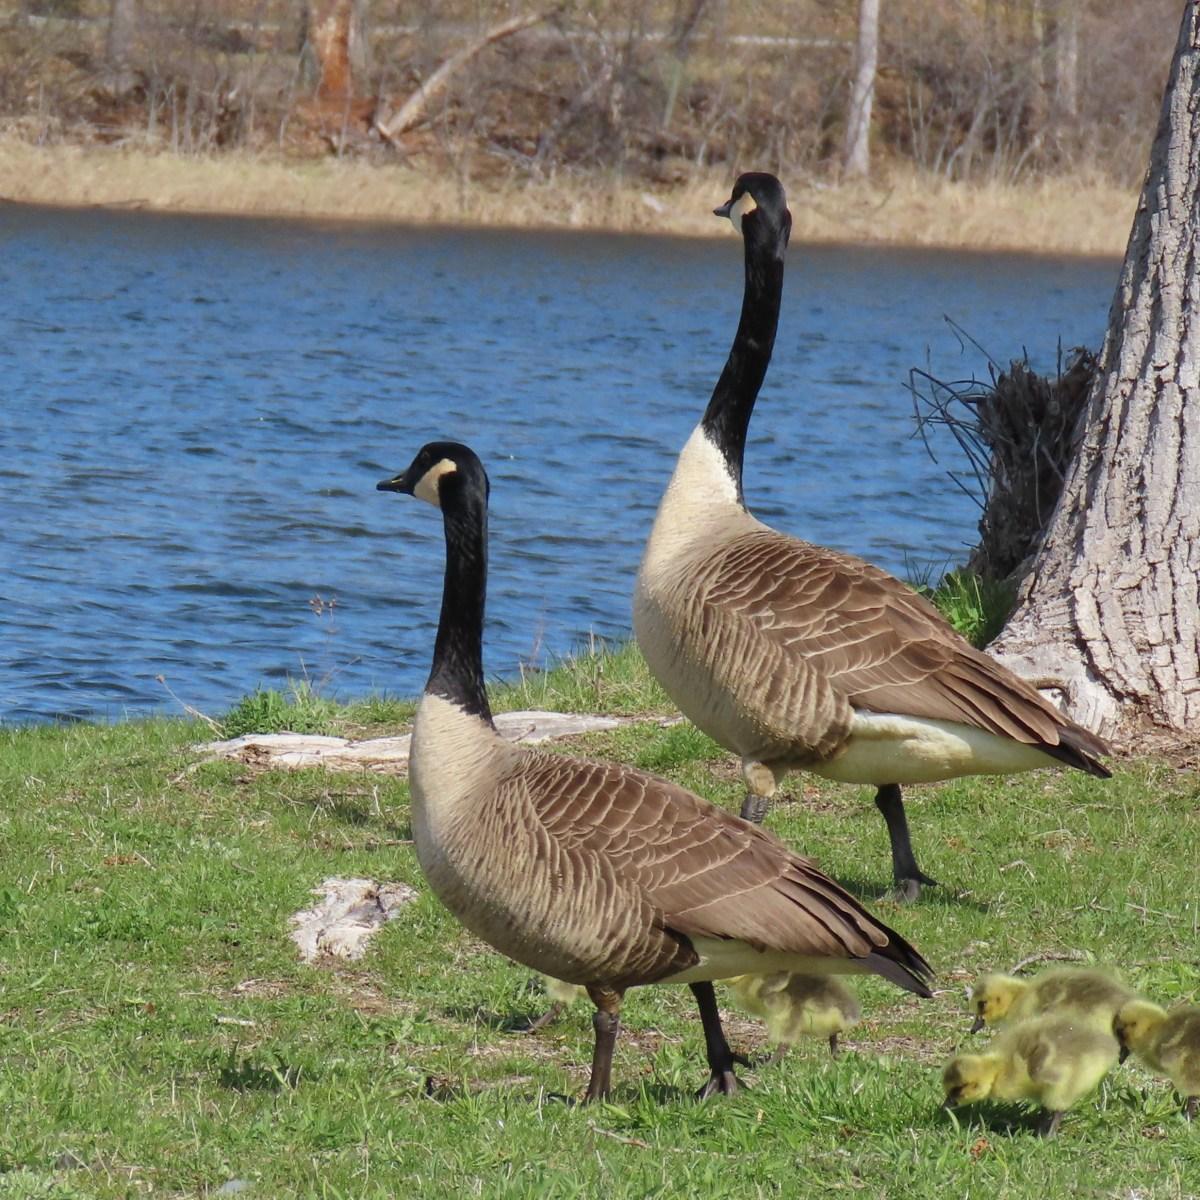 Geese and their goslings walking toward water